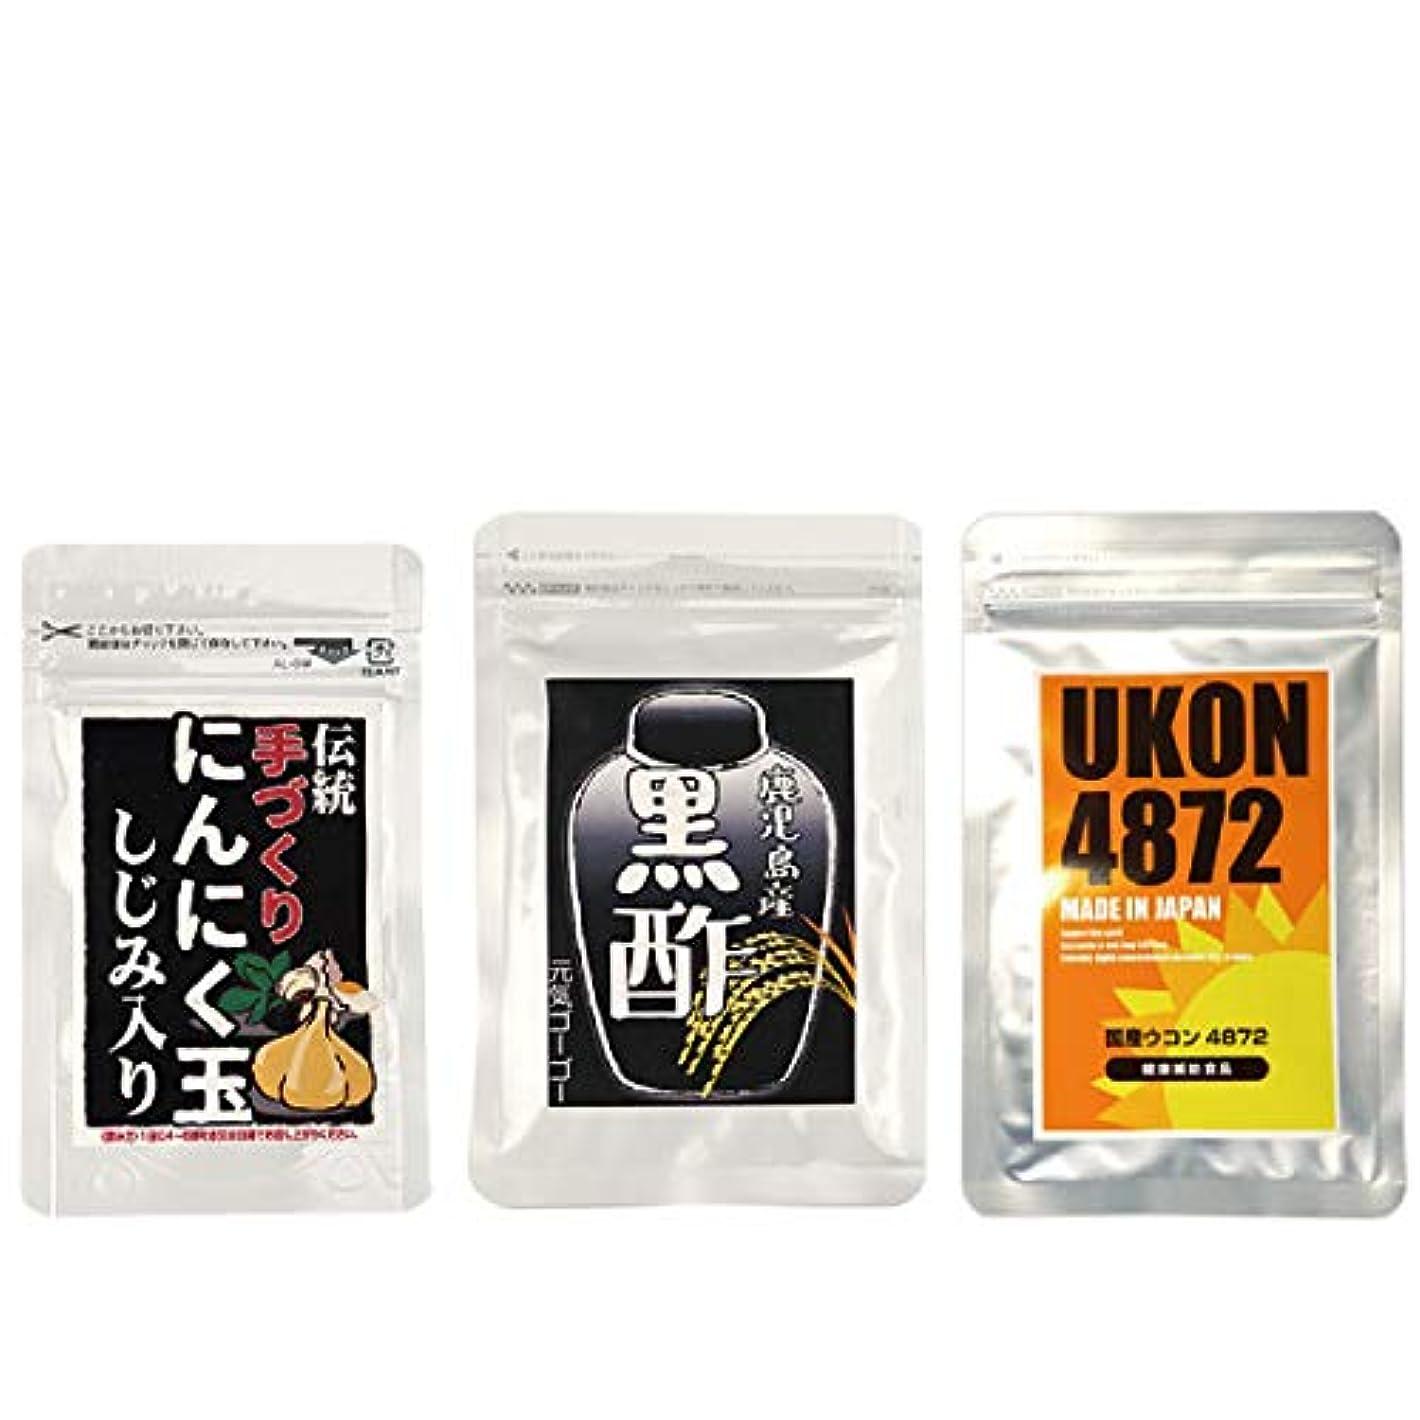 甘いプラグ投げる伝統手づくりにんにく玉【黒ラベル】もろみ黒酢 元気ウコン 各1袋